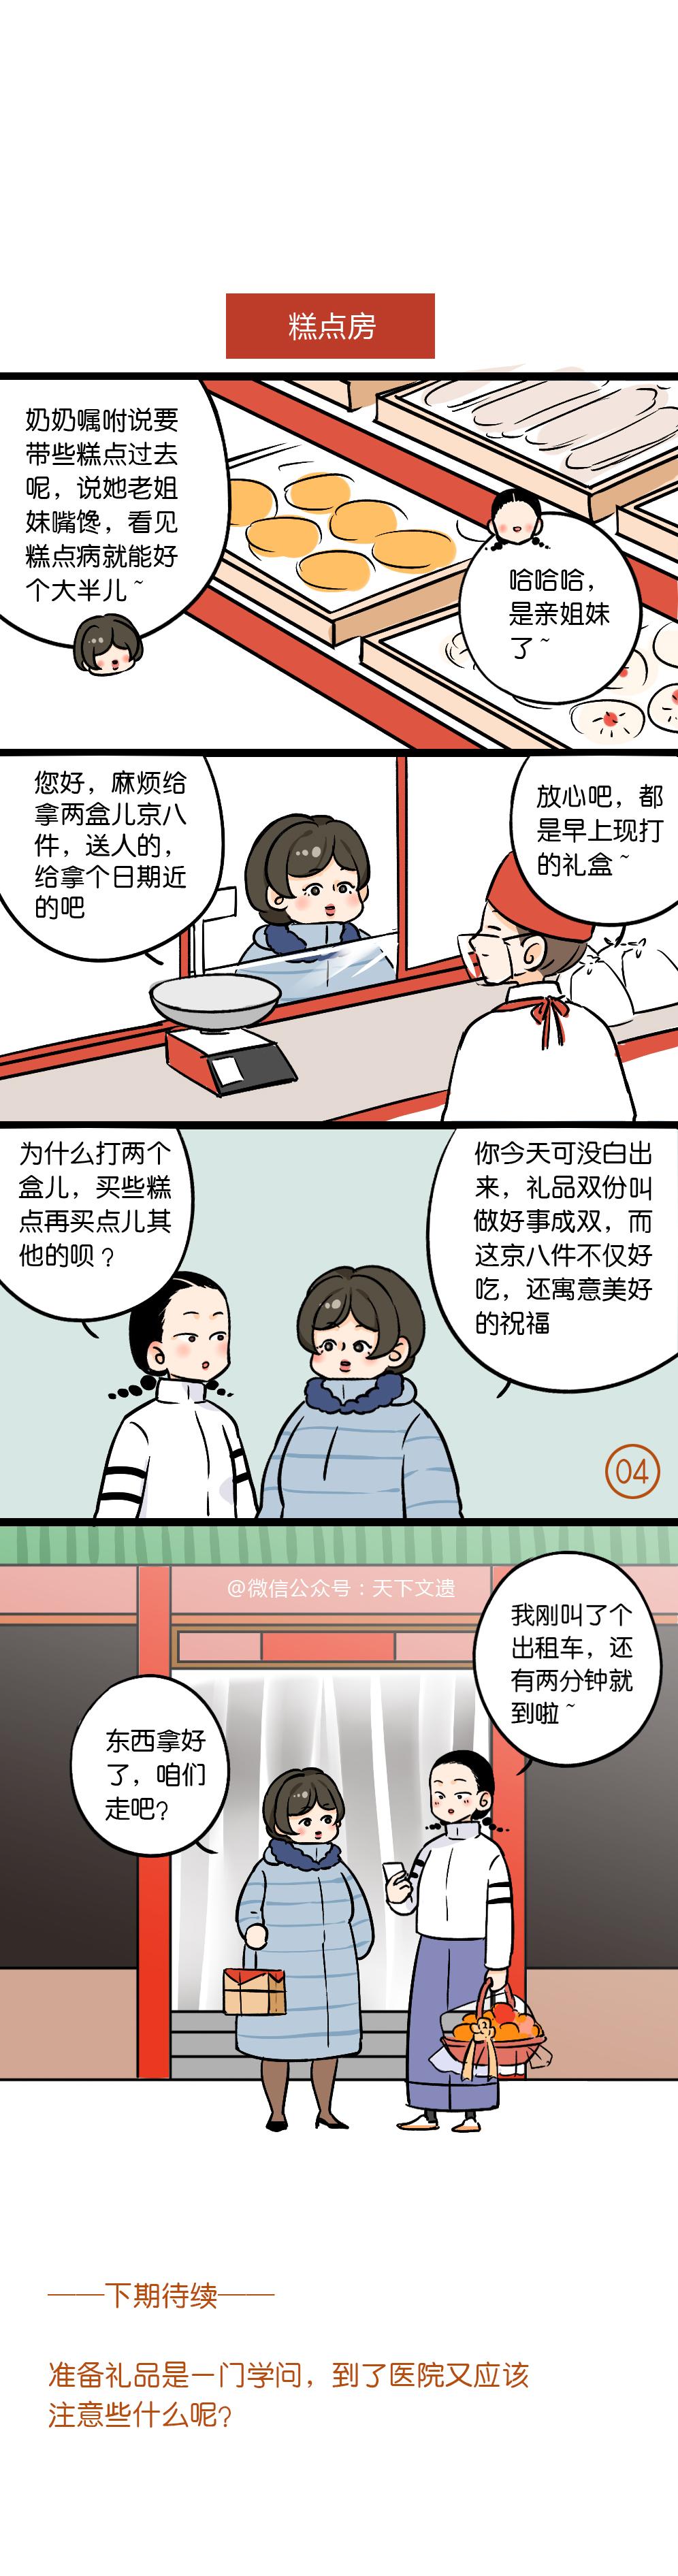 漫画杨大大话家规04.jpg